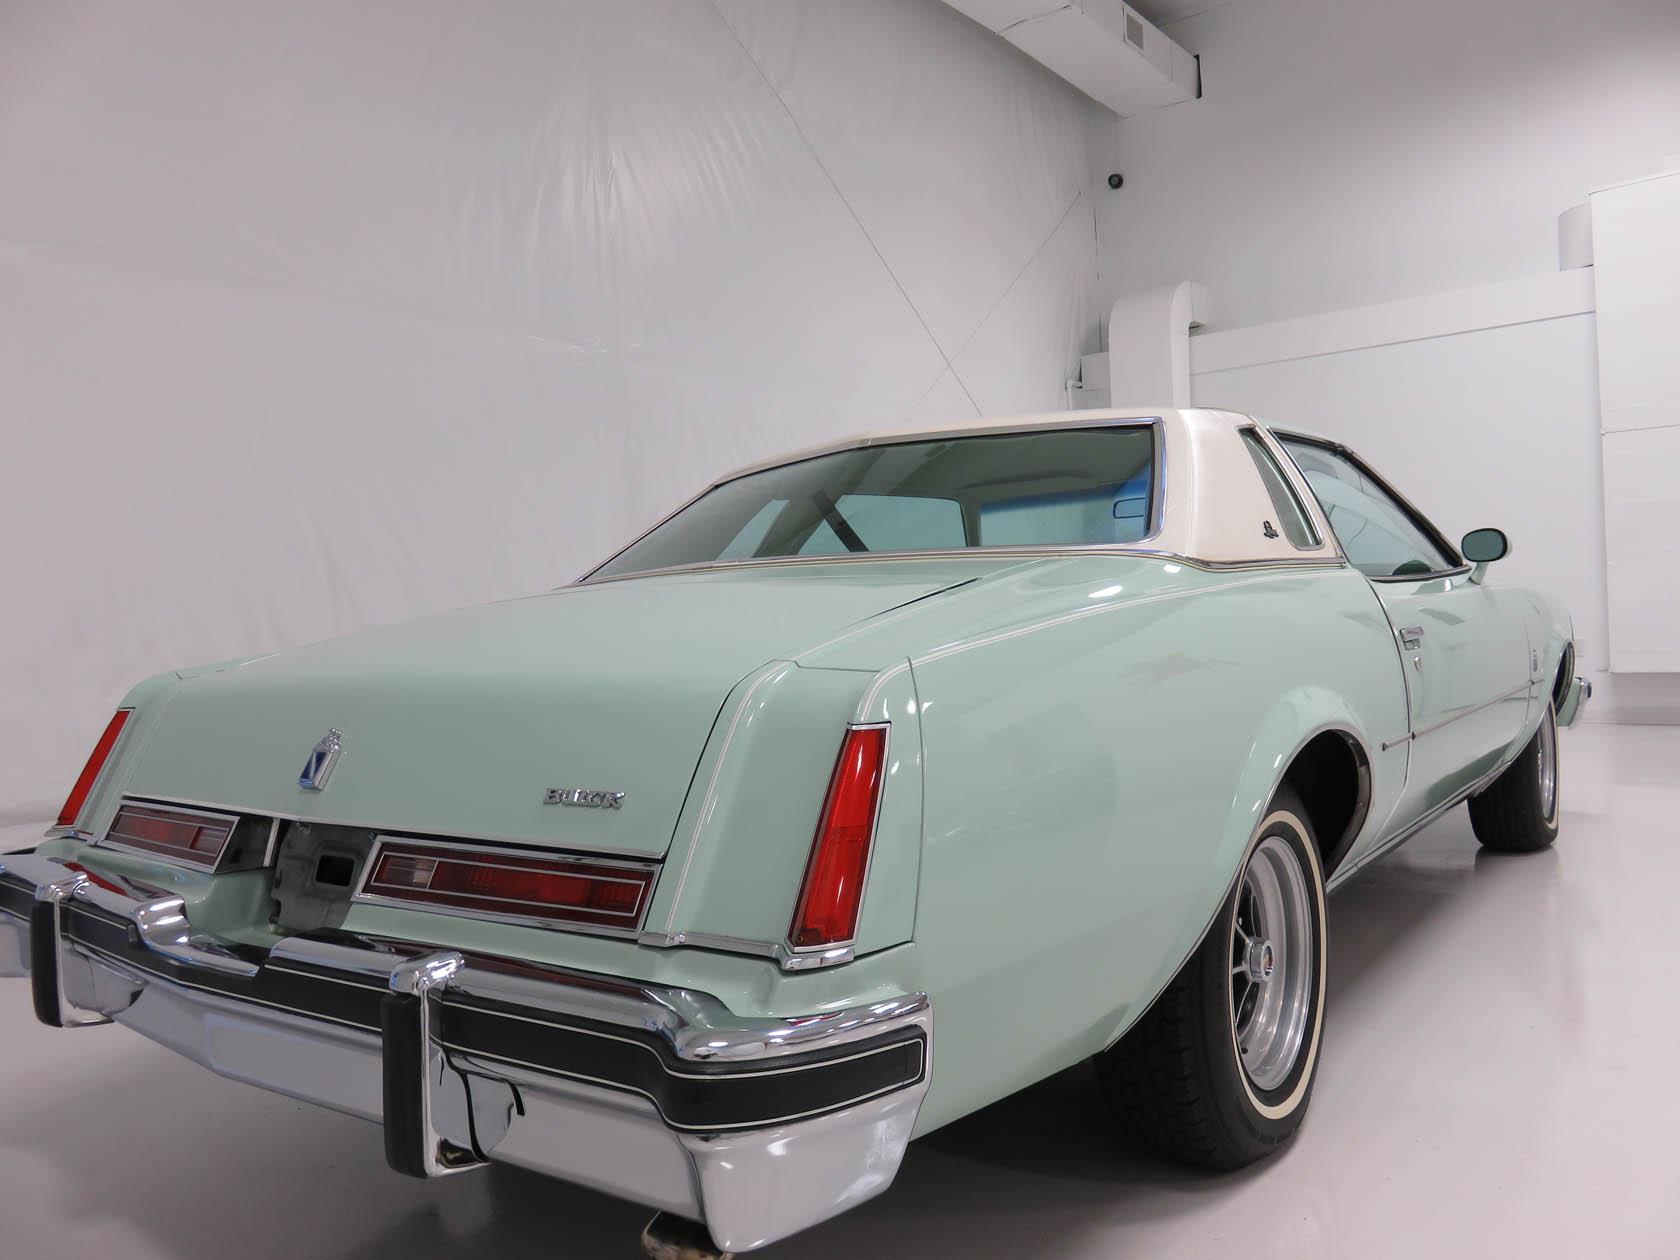 Michael Esposito - 1974 Oldsmobile Cutlasss Supreme 266